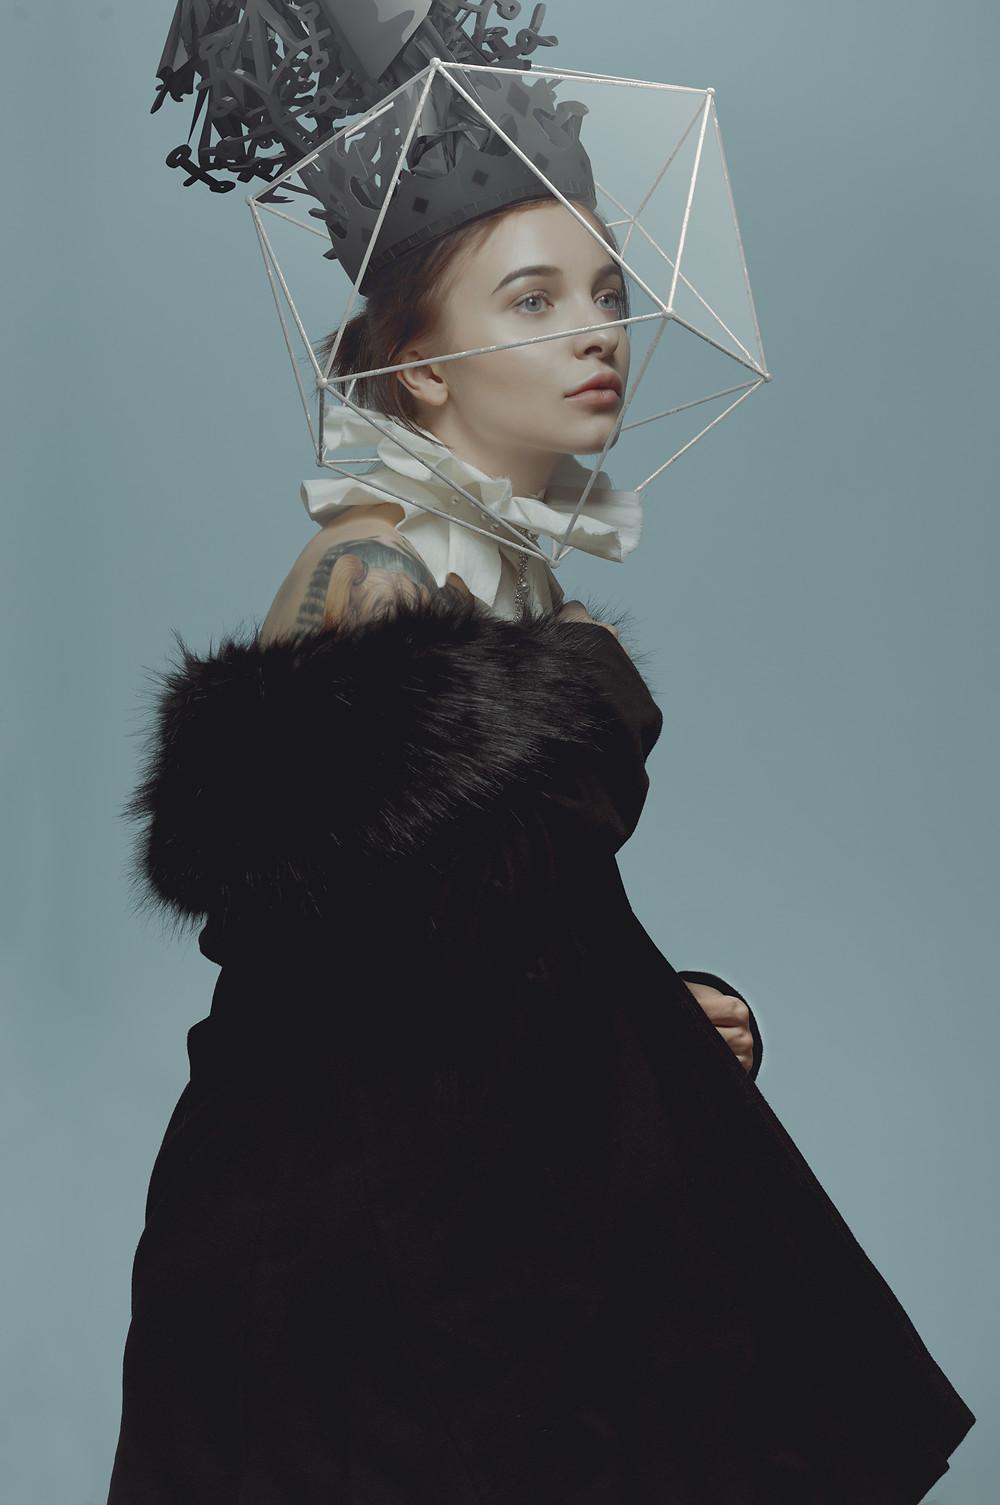 princesse pâle et iconique oeuvre de Alexander Berdin Lazursky